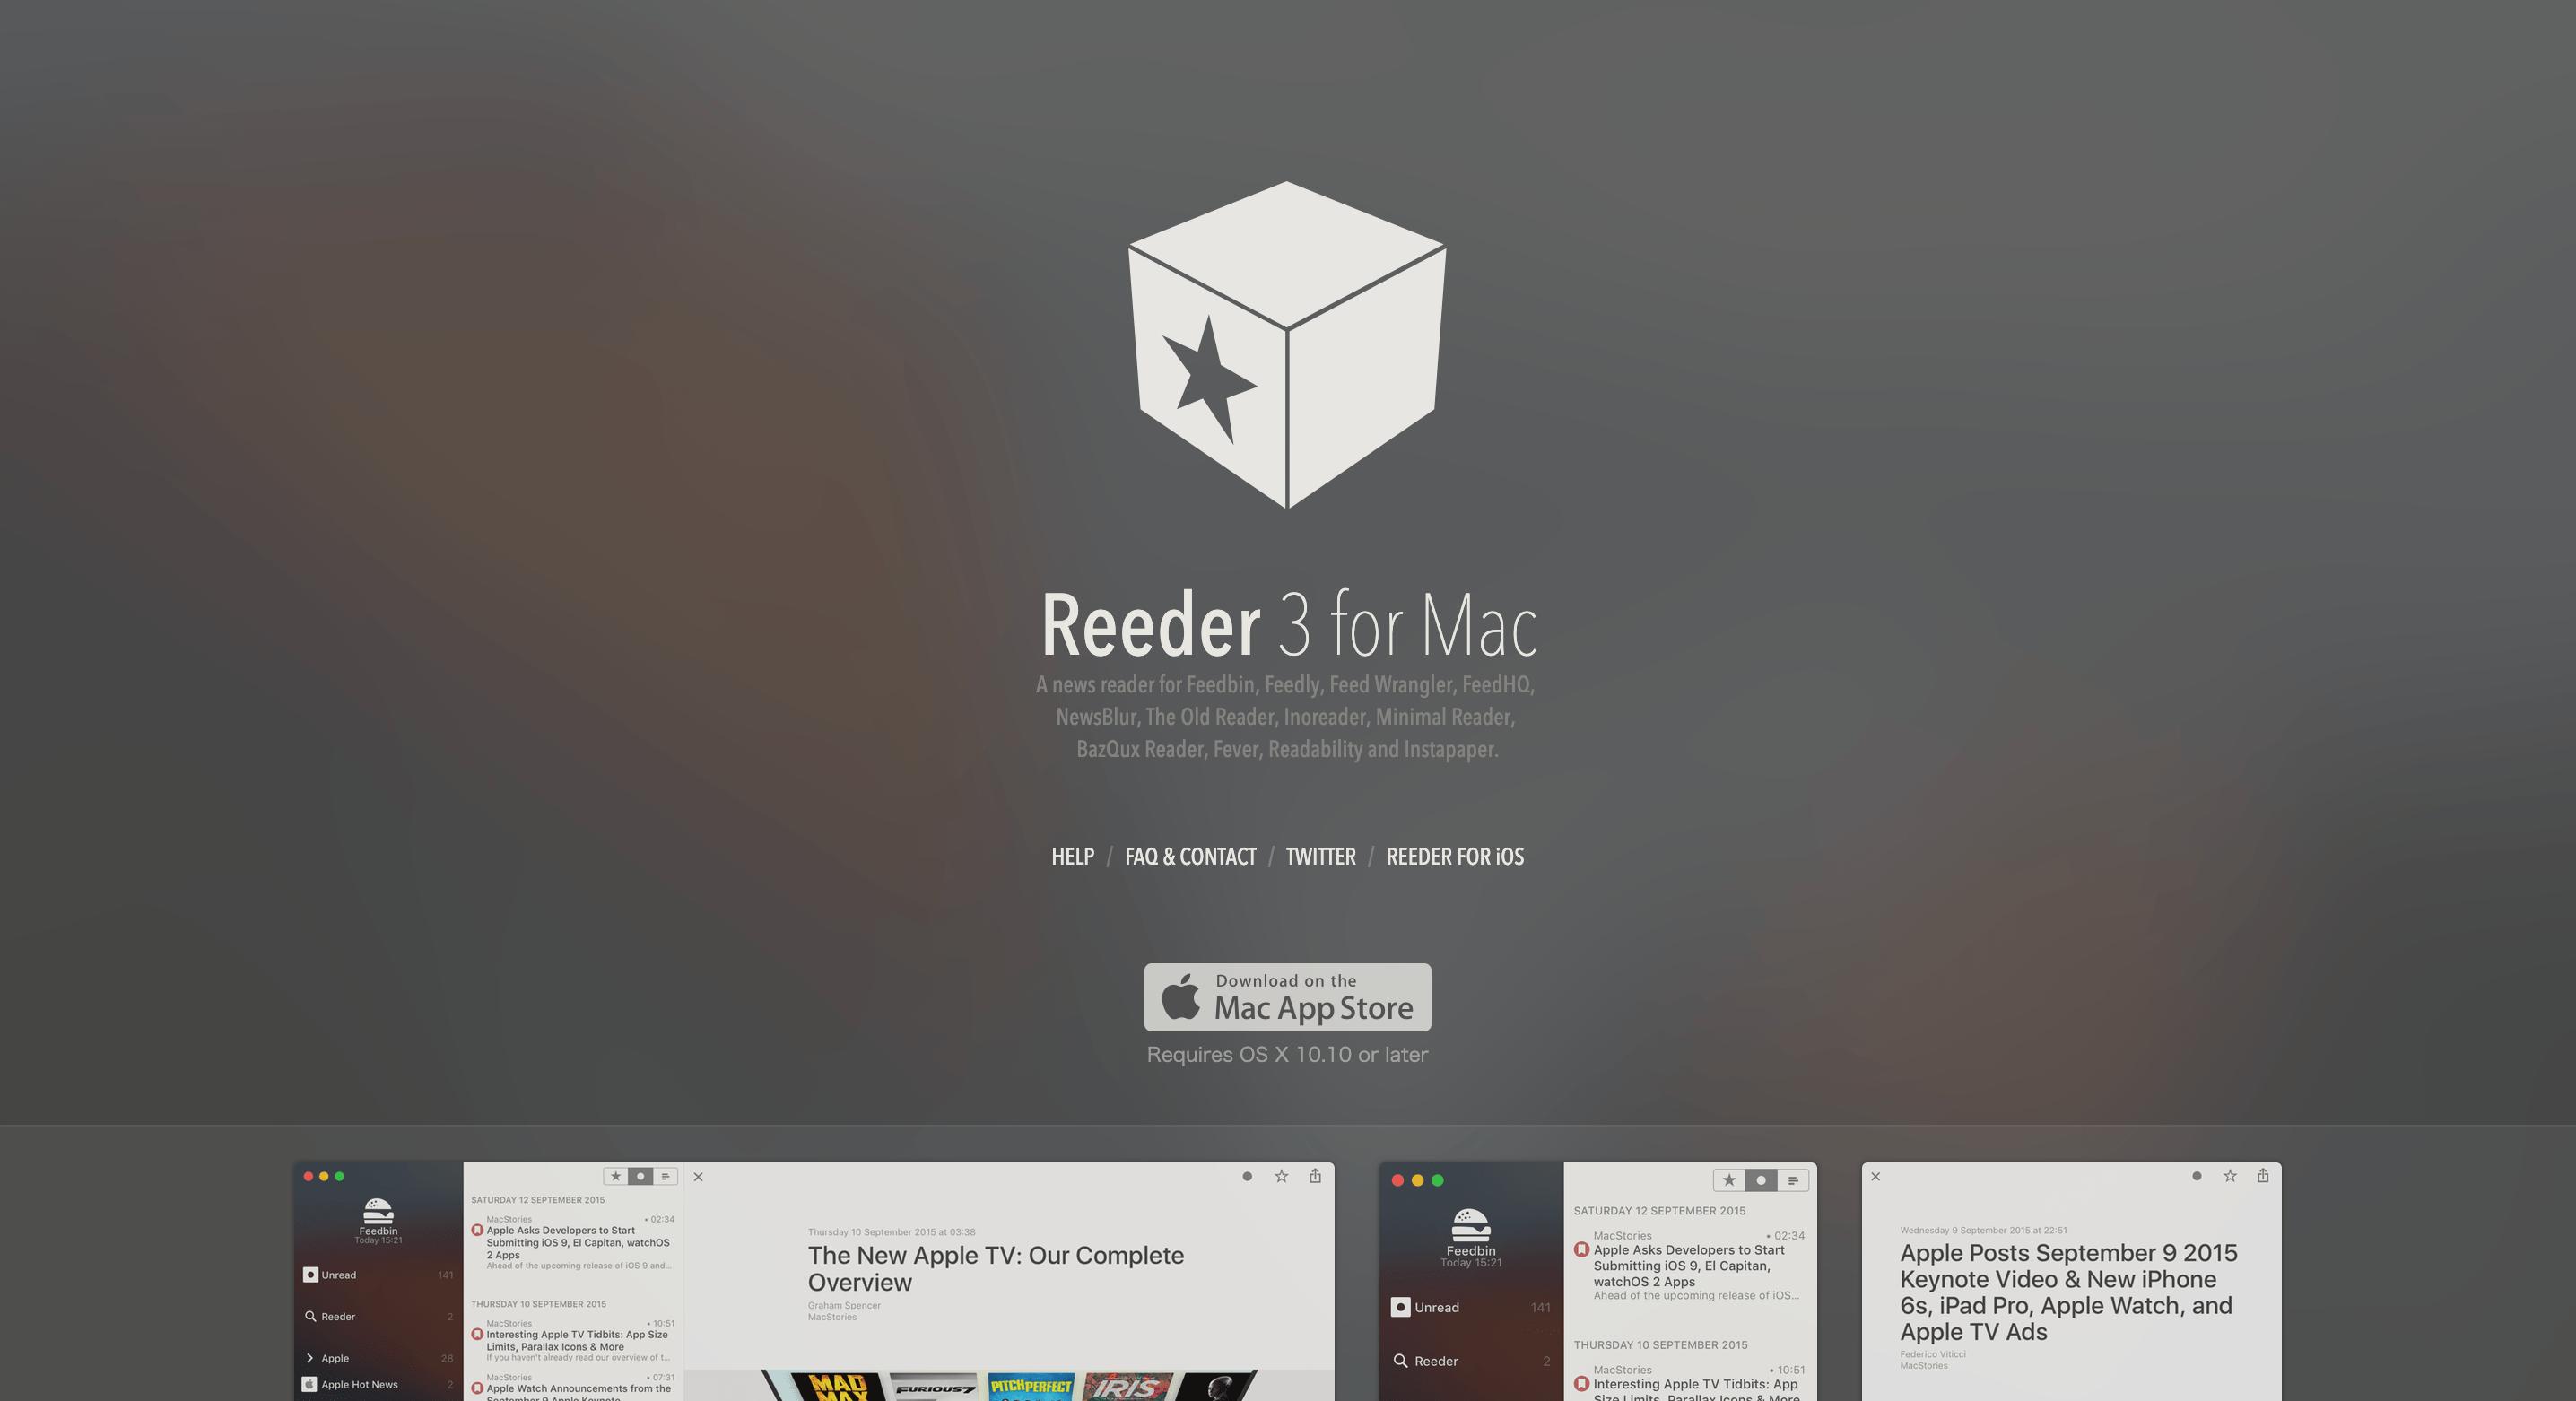 Reeder 3